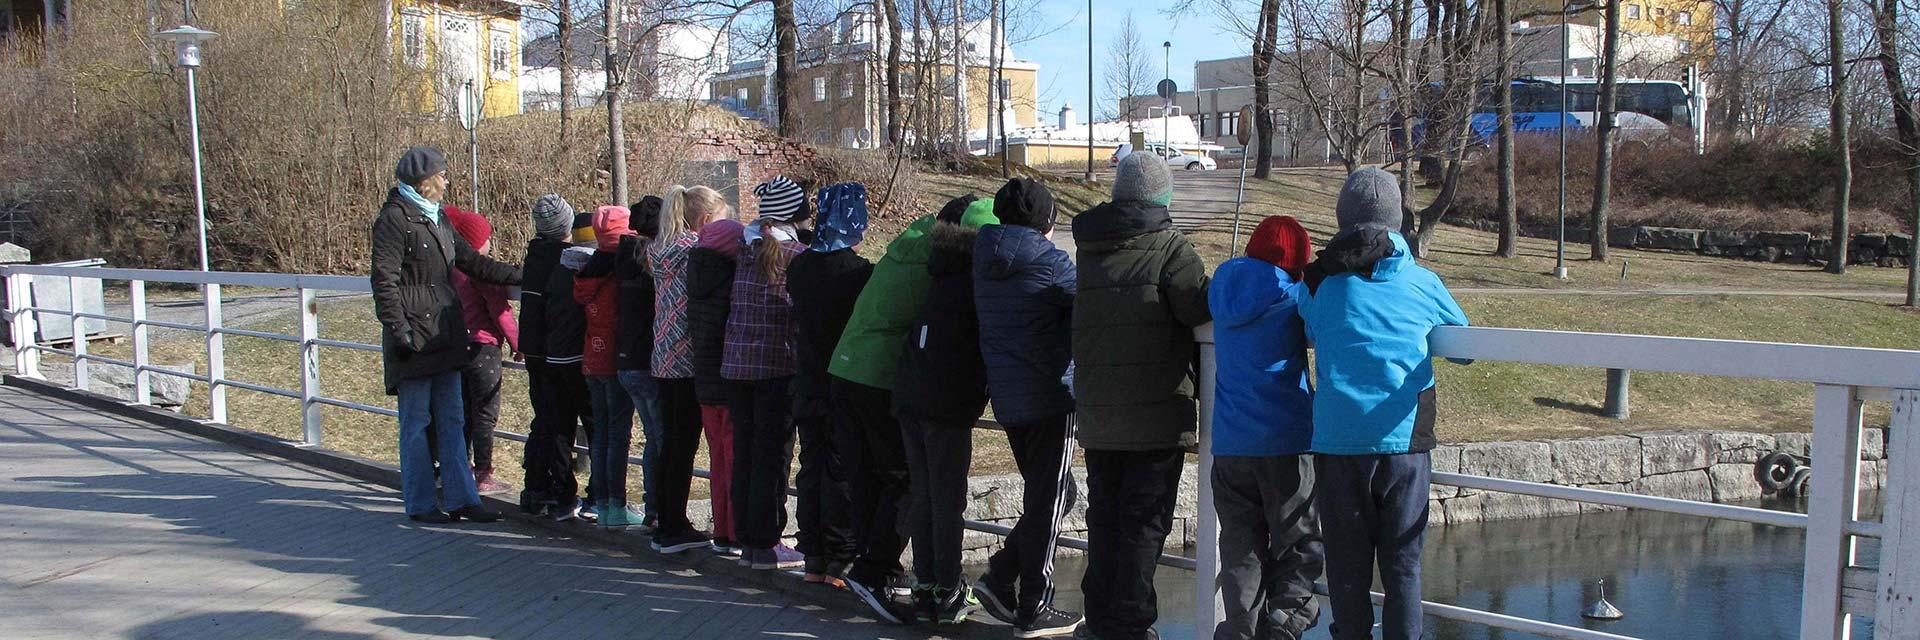 Koululaisia Myllysaaren museon sillalla